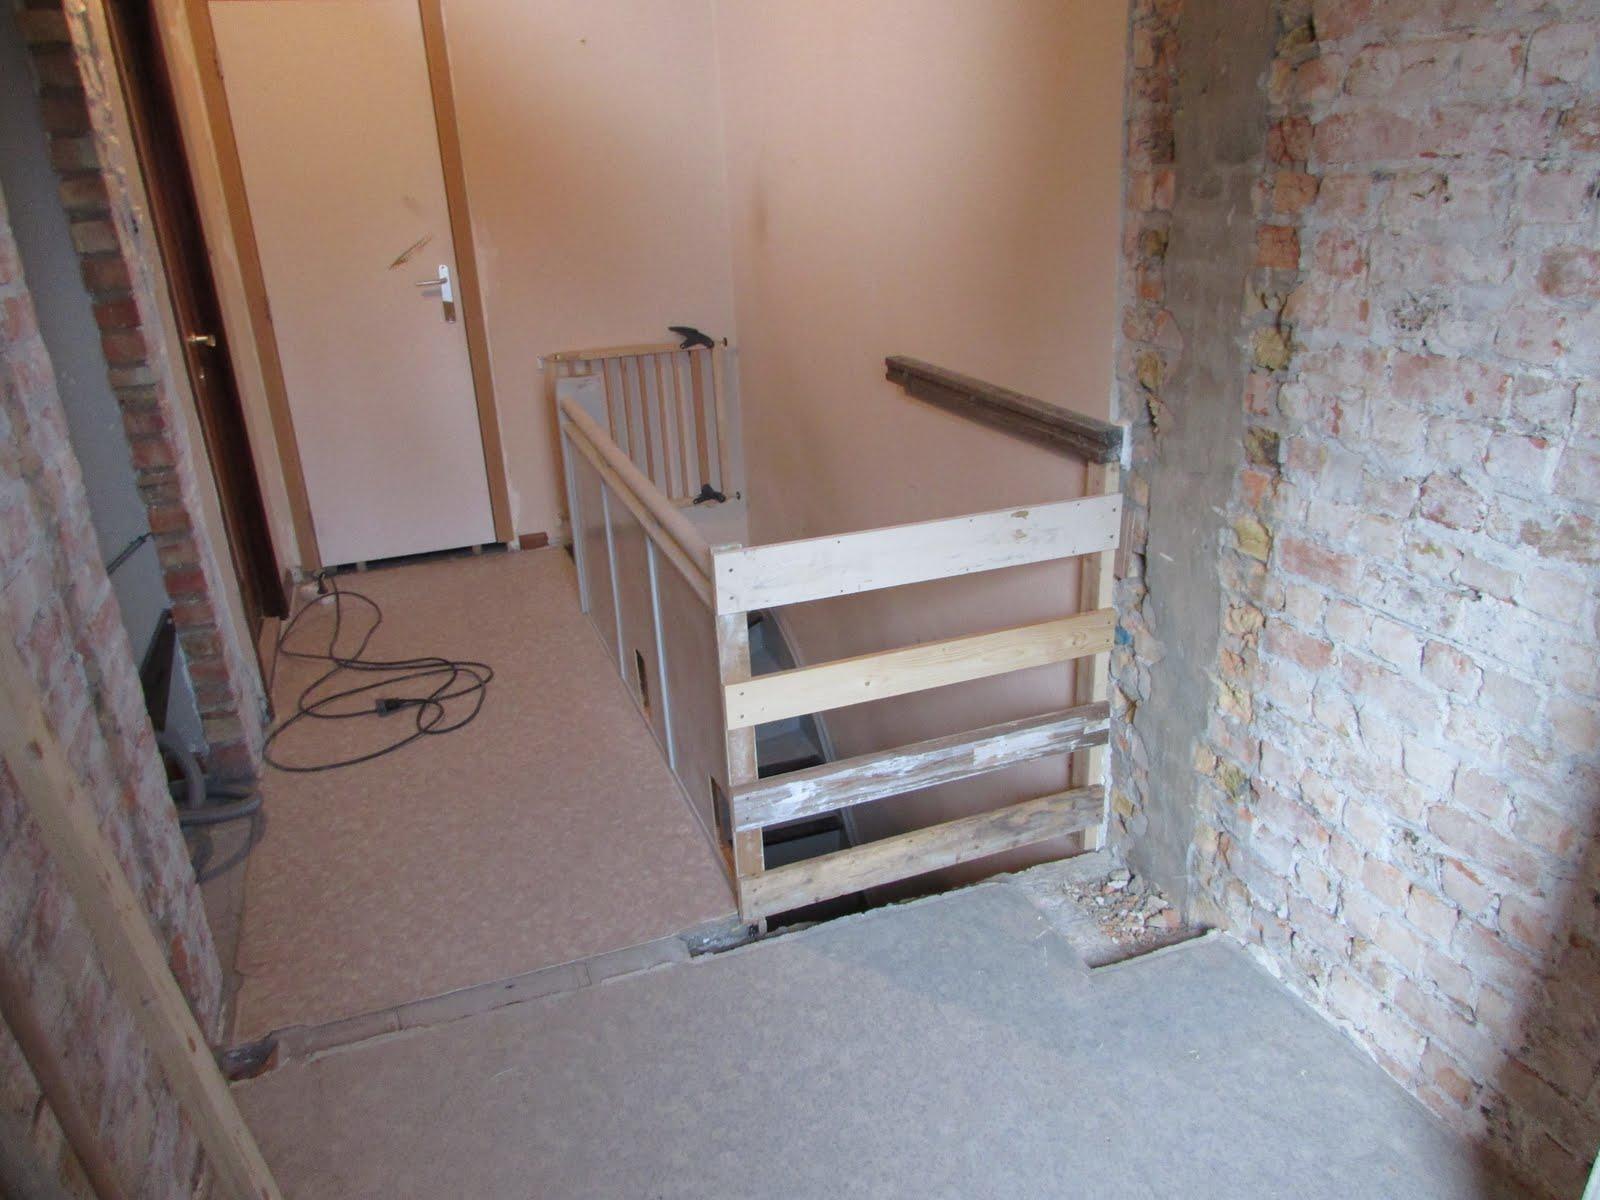 Verbouwing van ons ouderlijk huis afbraak boven dag 11 - Beneden trap ...